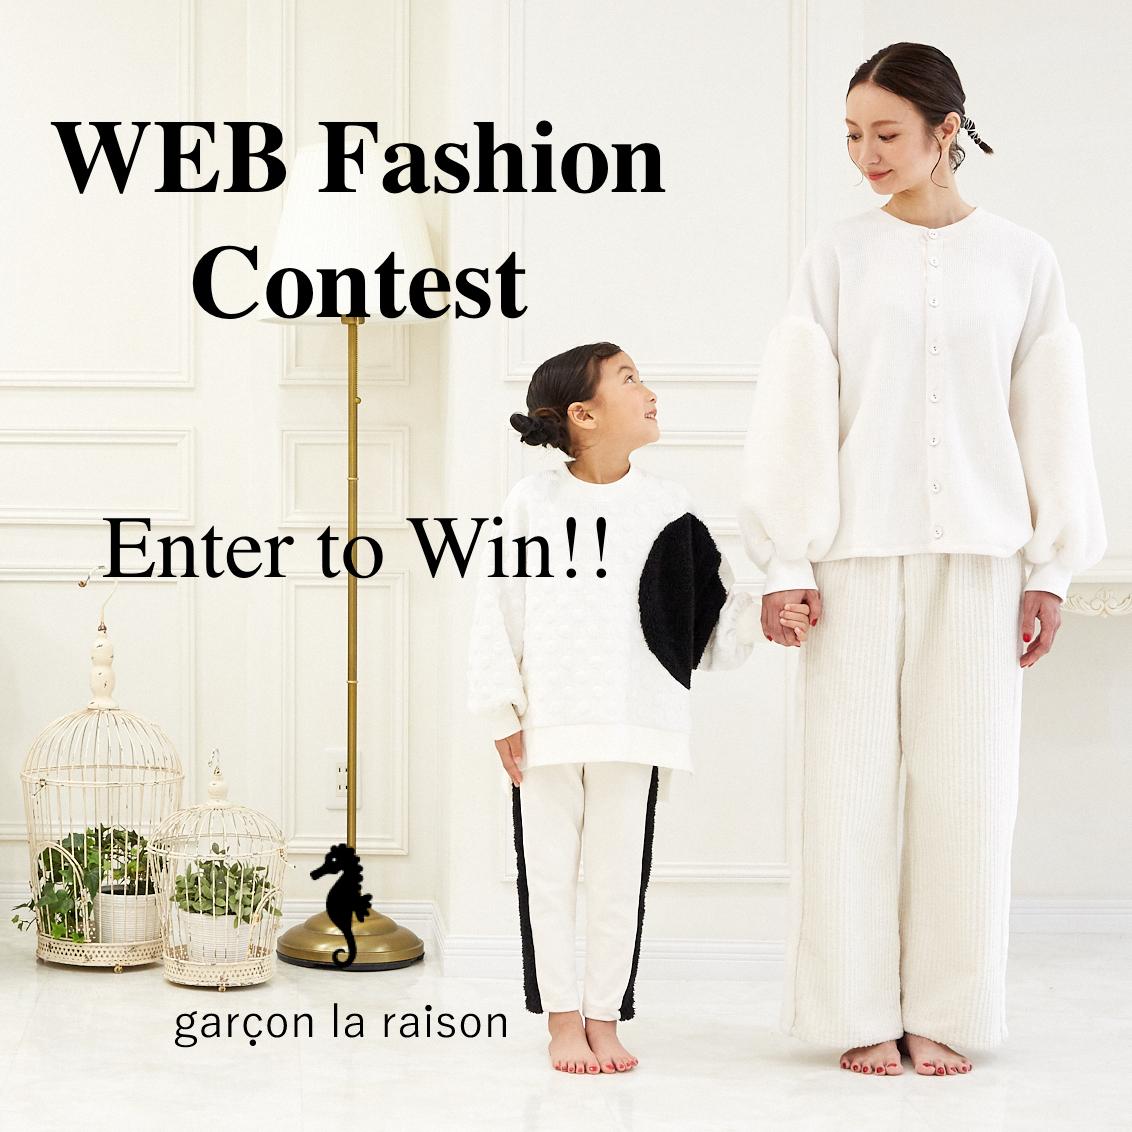 """大人気キッズブランド『ギャルソン ラ レゾン』 ウェブファッションコンテスト開催 """"garcon la raison WEB Fashion Contest"""" 2020年5月18日(月)~6月1日(月)"""